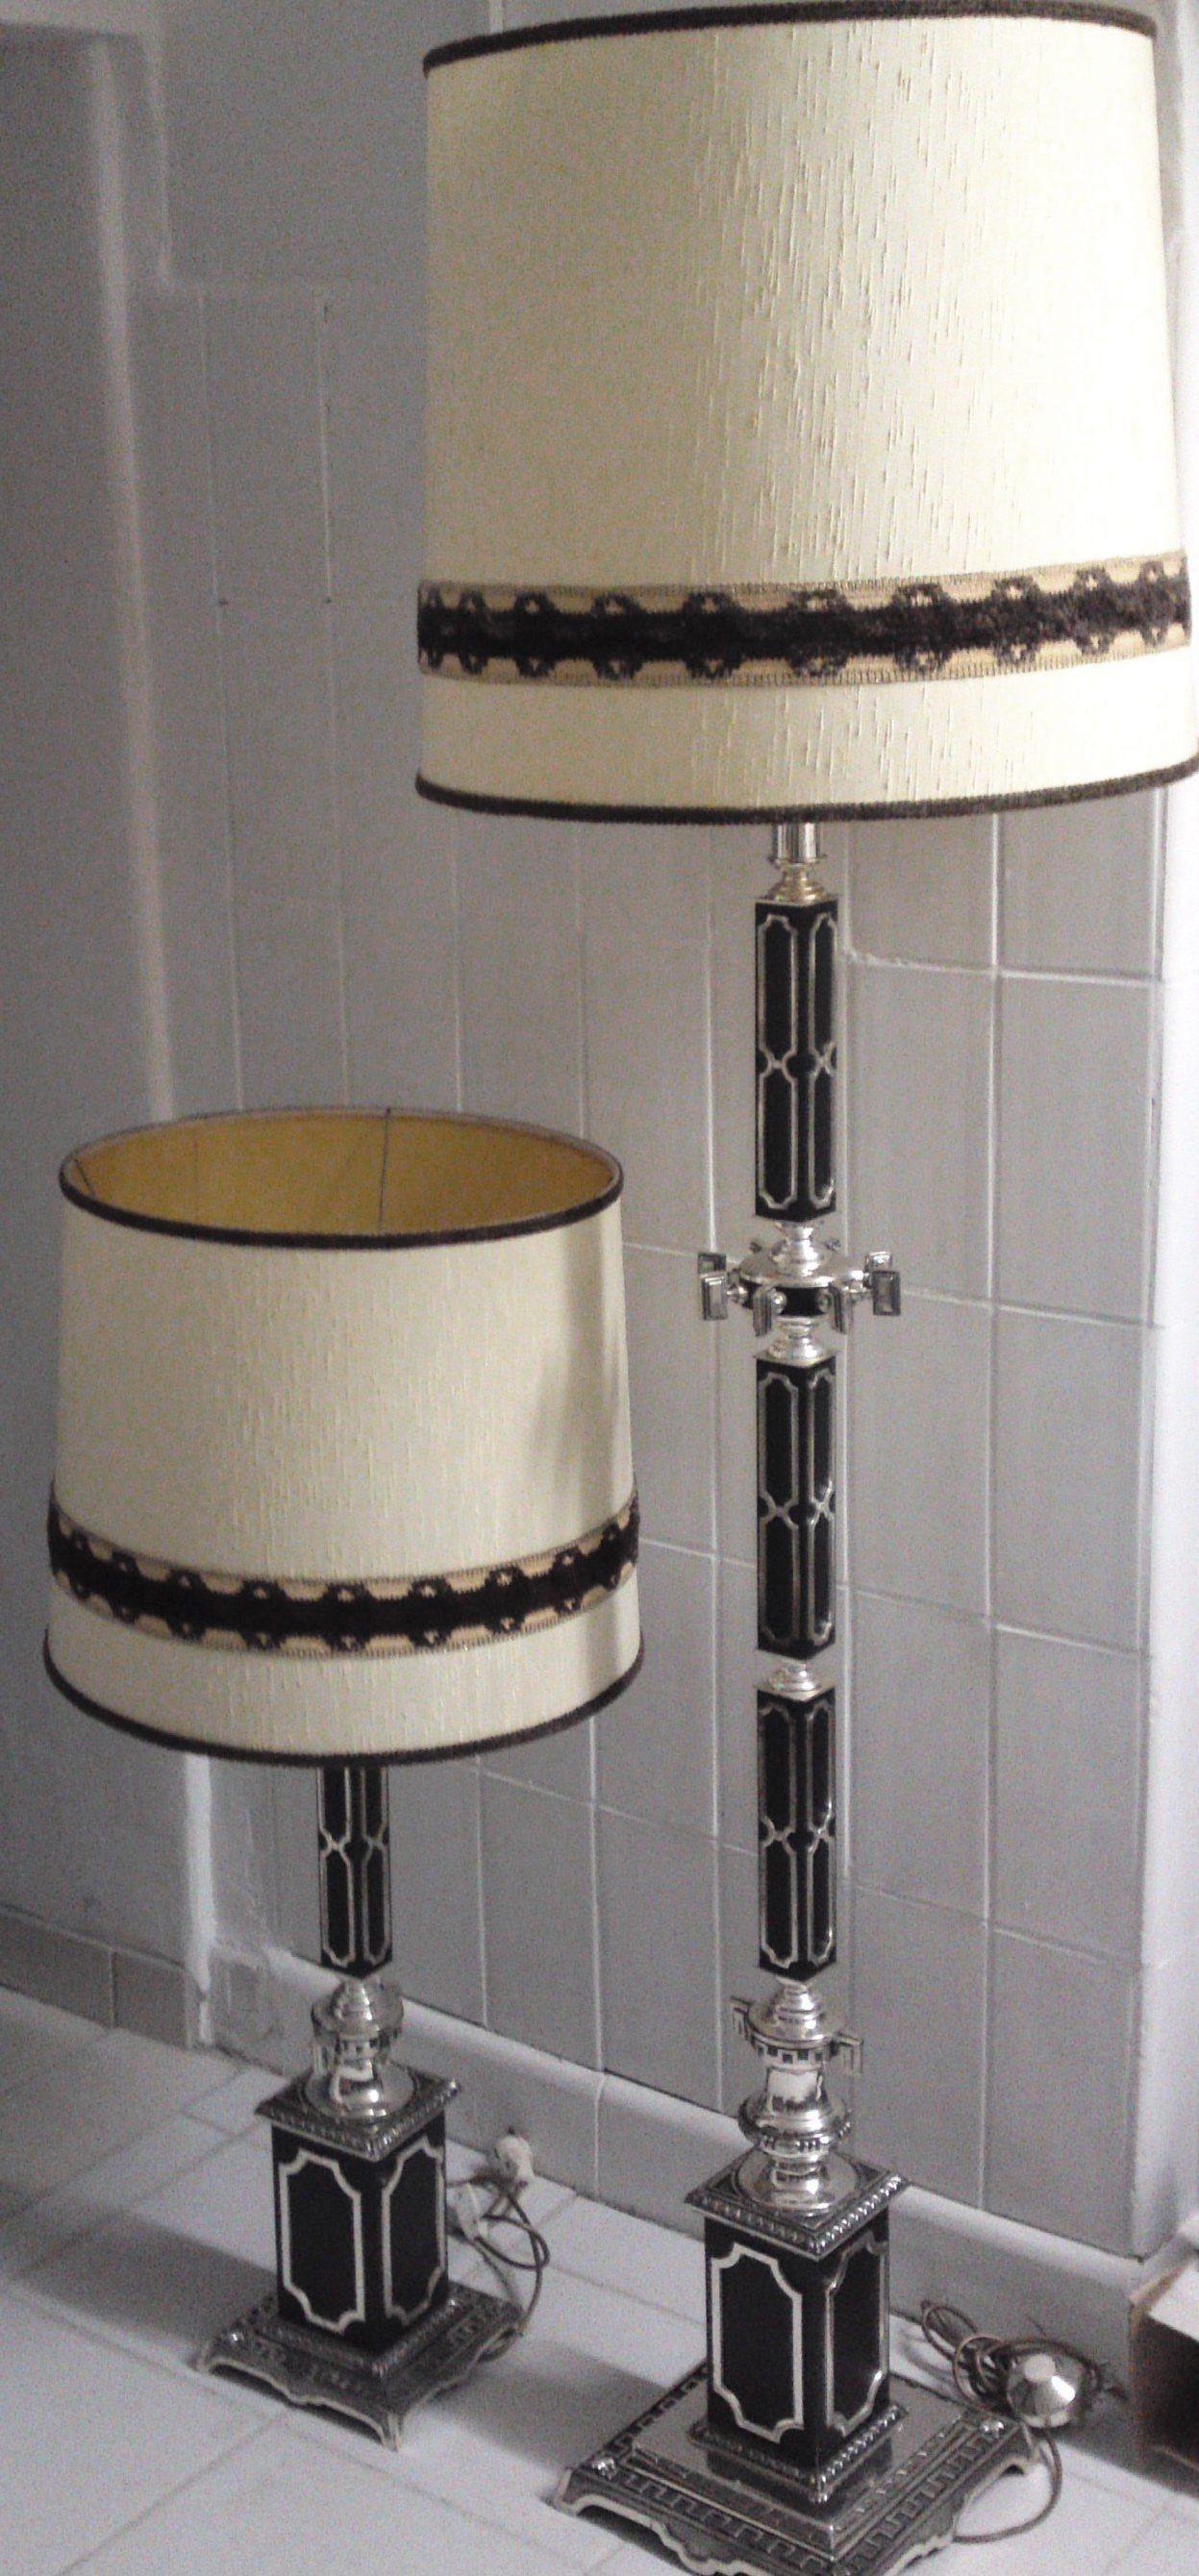 Designer Stehlampe mit Metallfuß und Schirm aufwendige und massive Verarbeitung. Gesamthöhe: 174cm